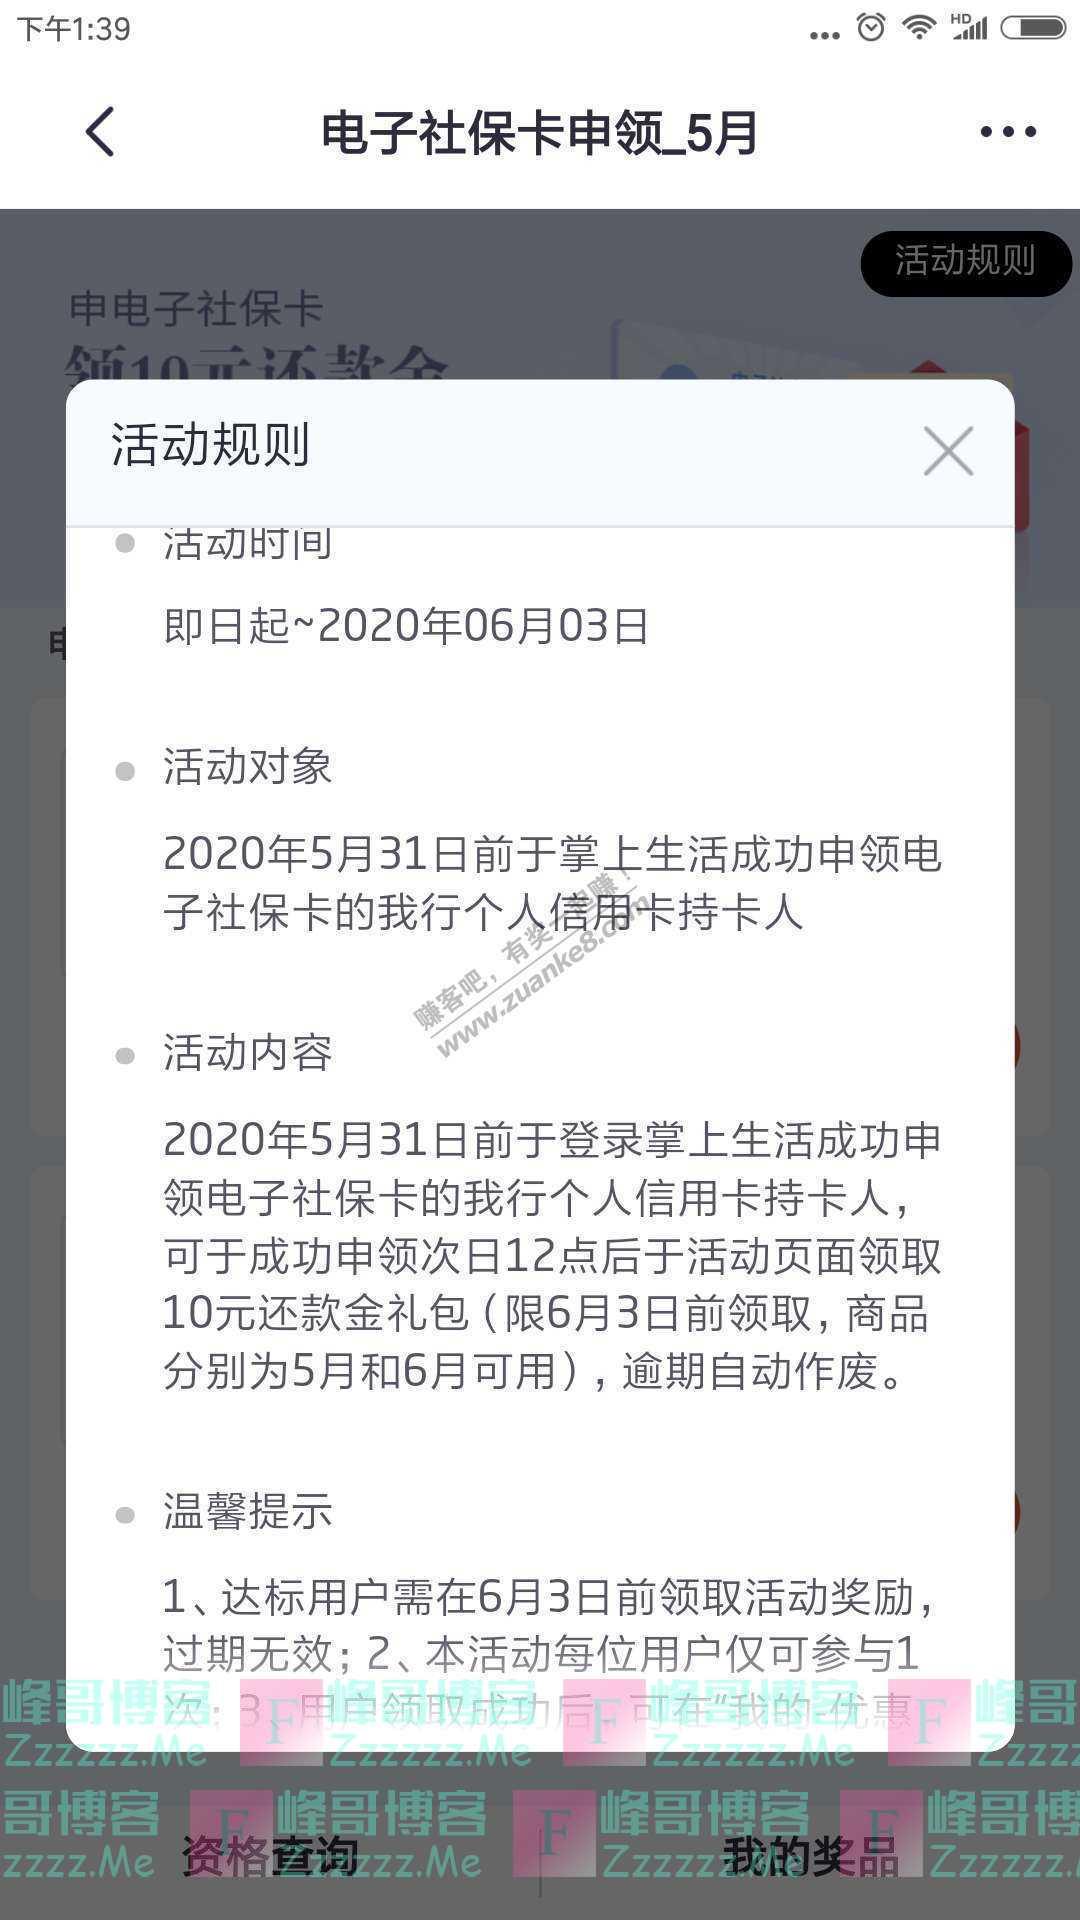 掌上生活申领电子社保卡 领10元还款金 (截止6月3日)